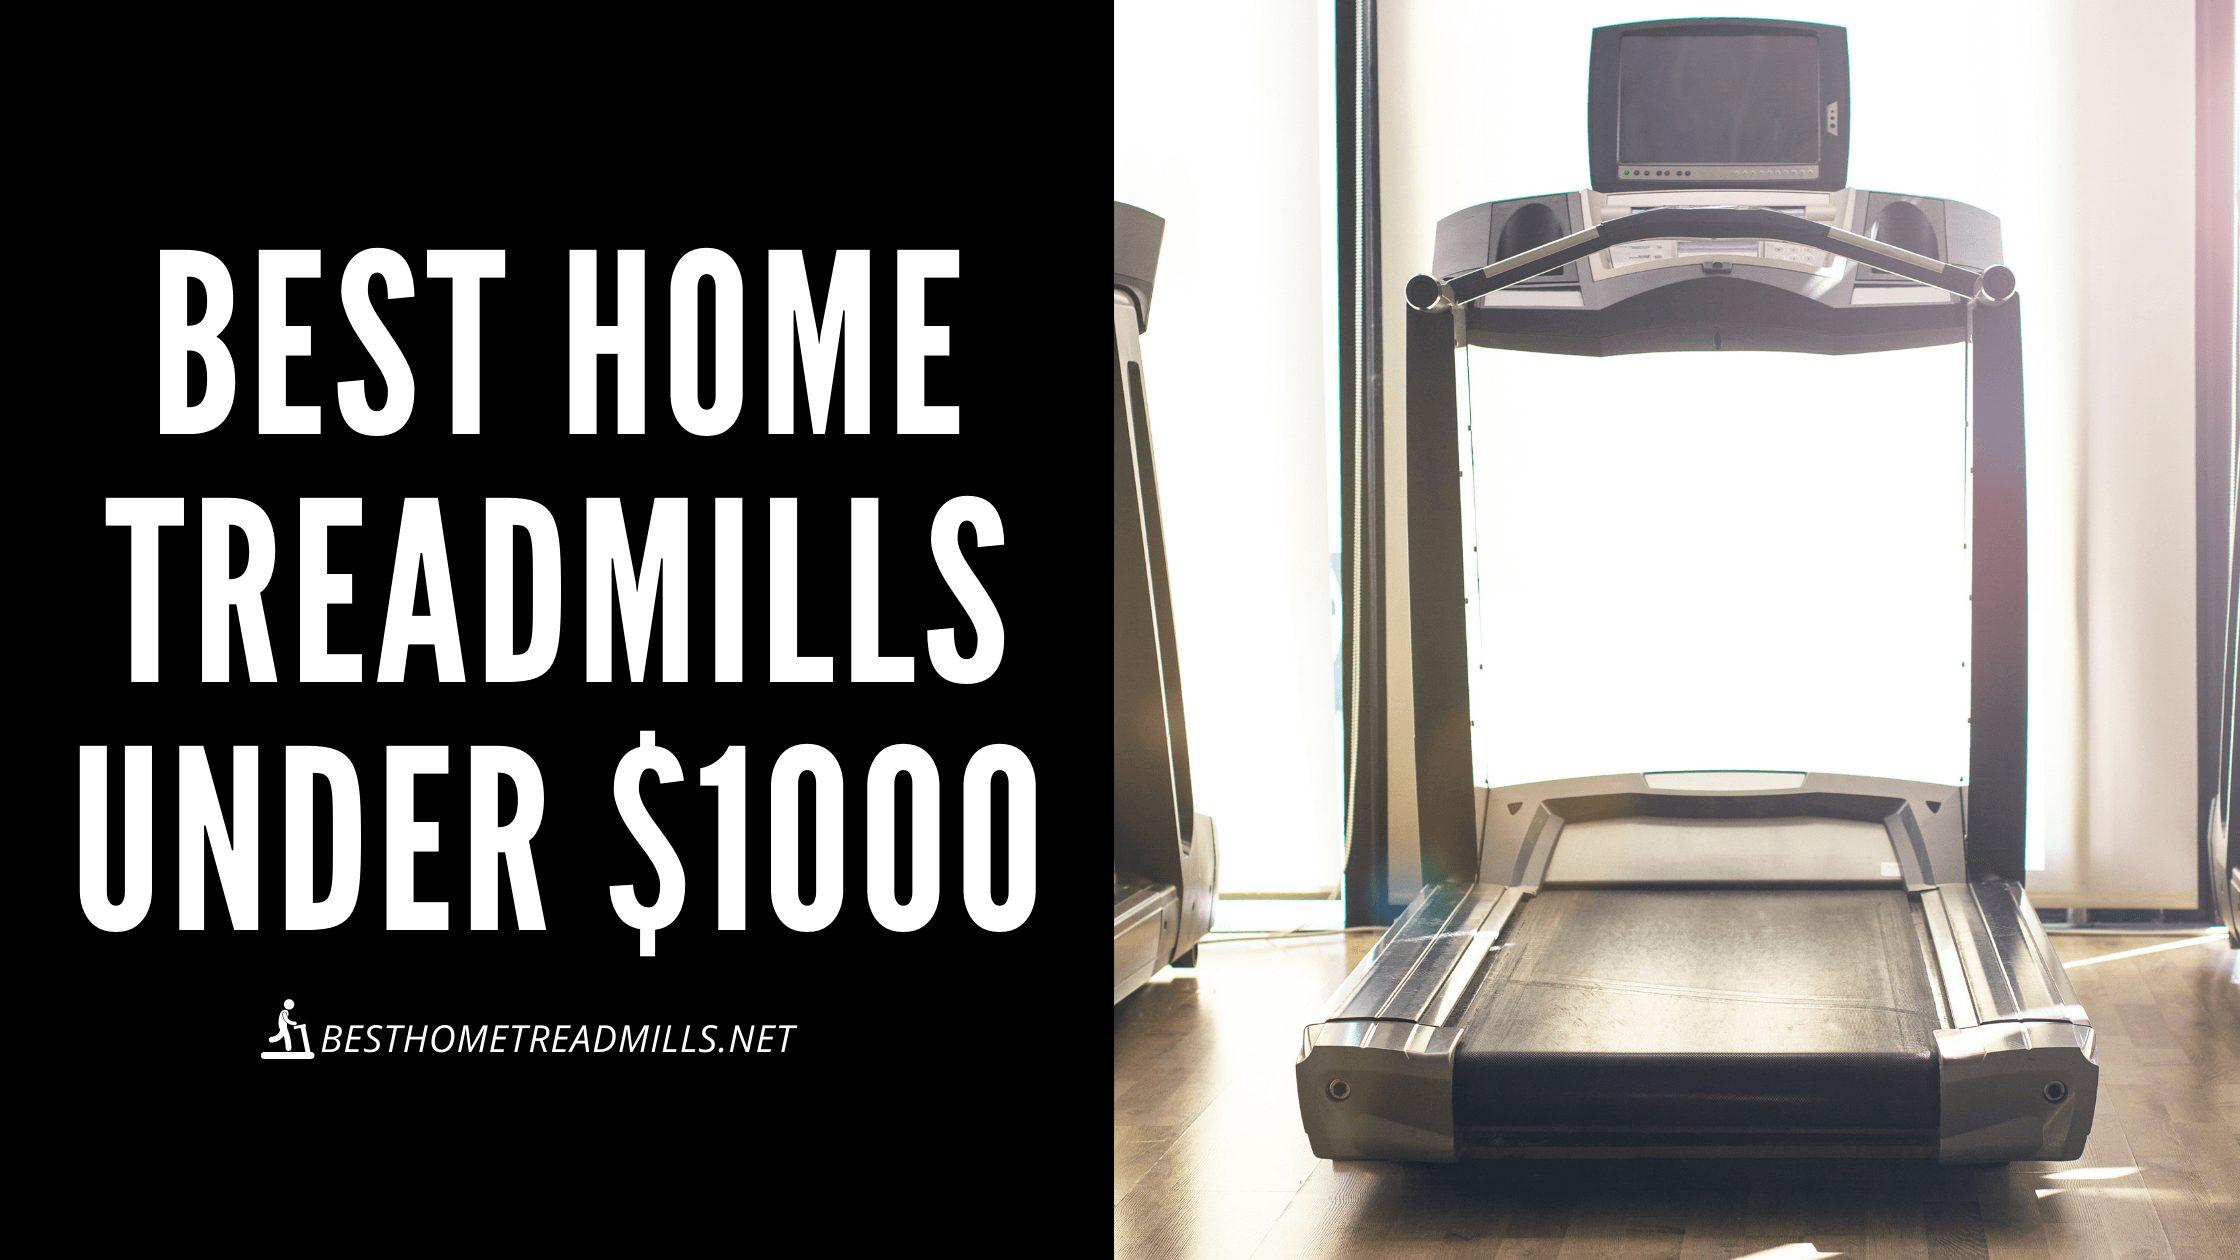 Best home treadmills under $1000 Featured image